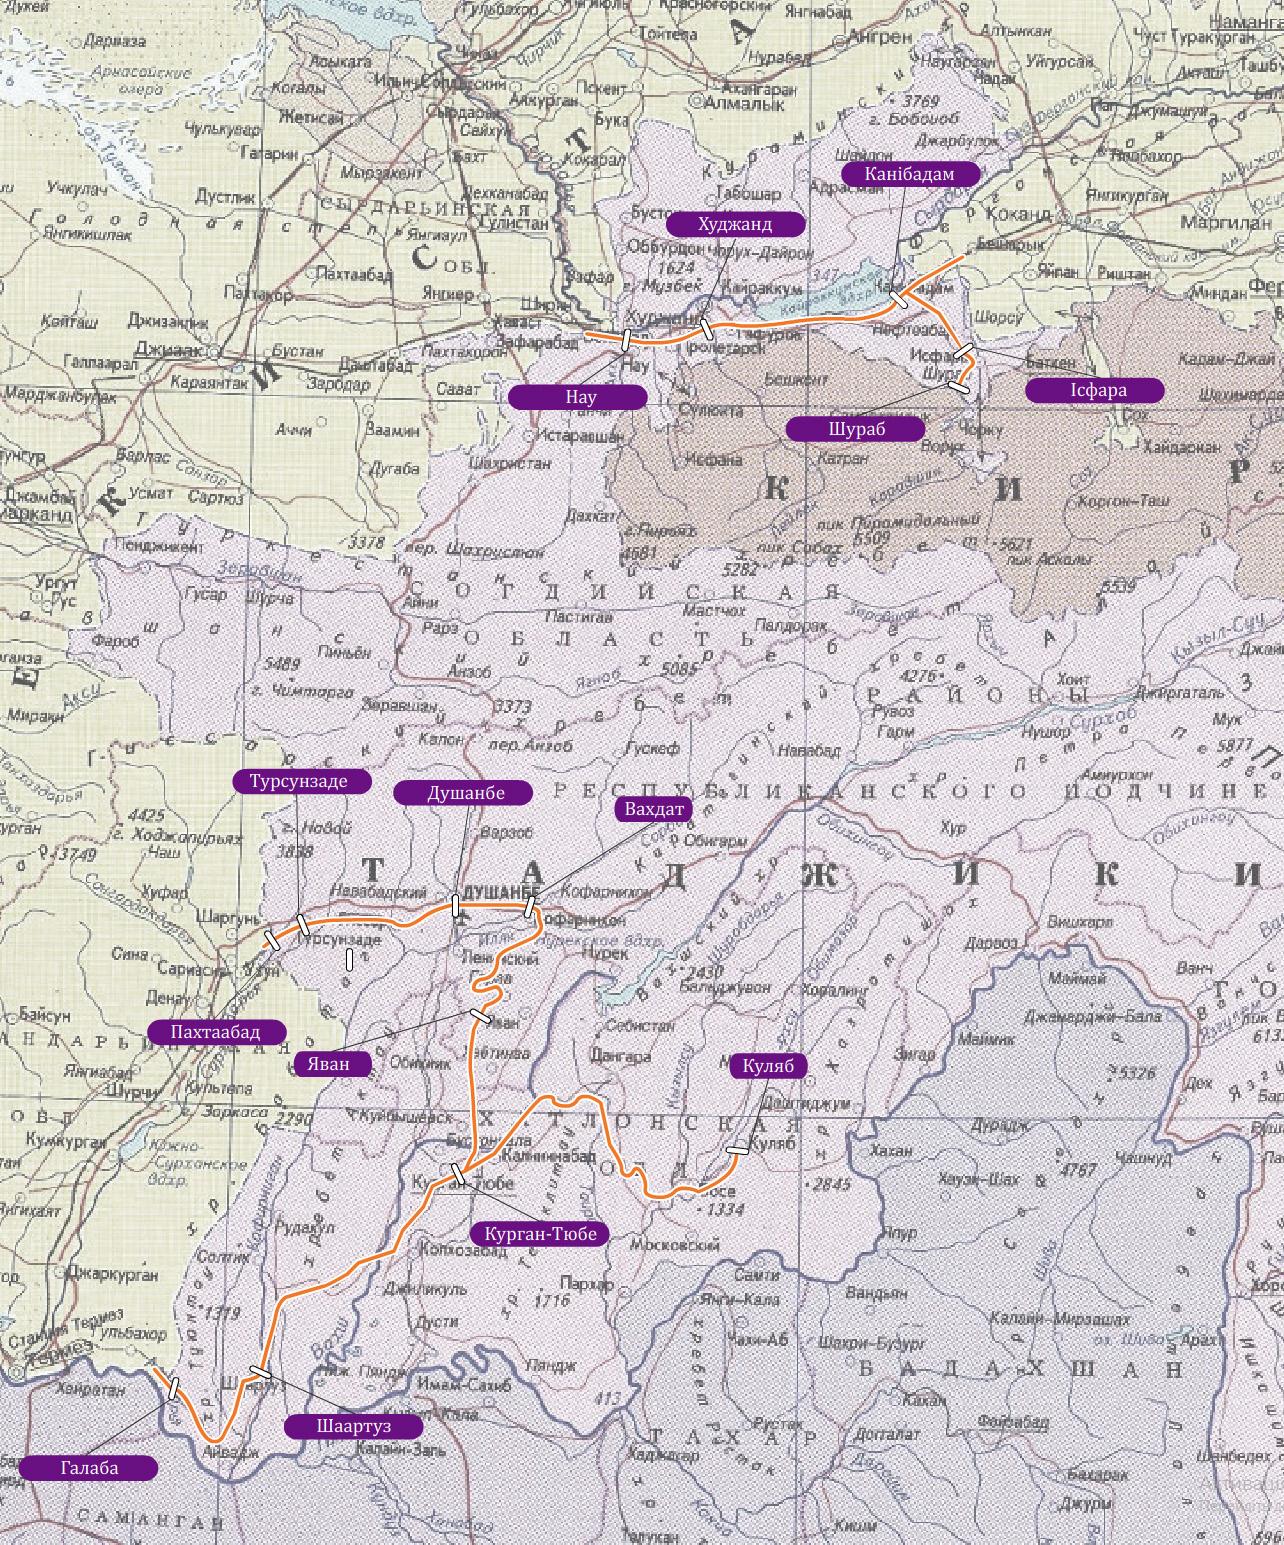 Схема залізниць Таджикістану. Таджикістан